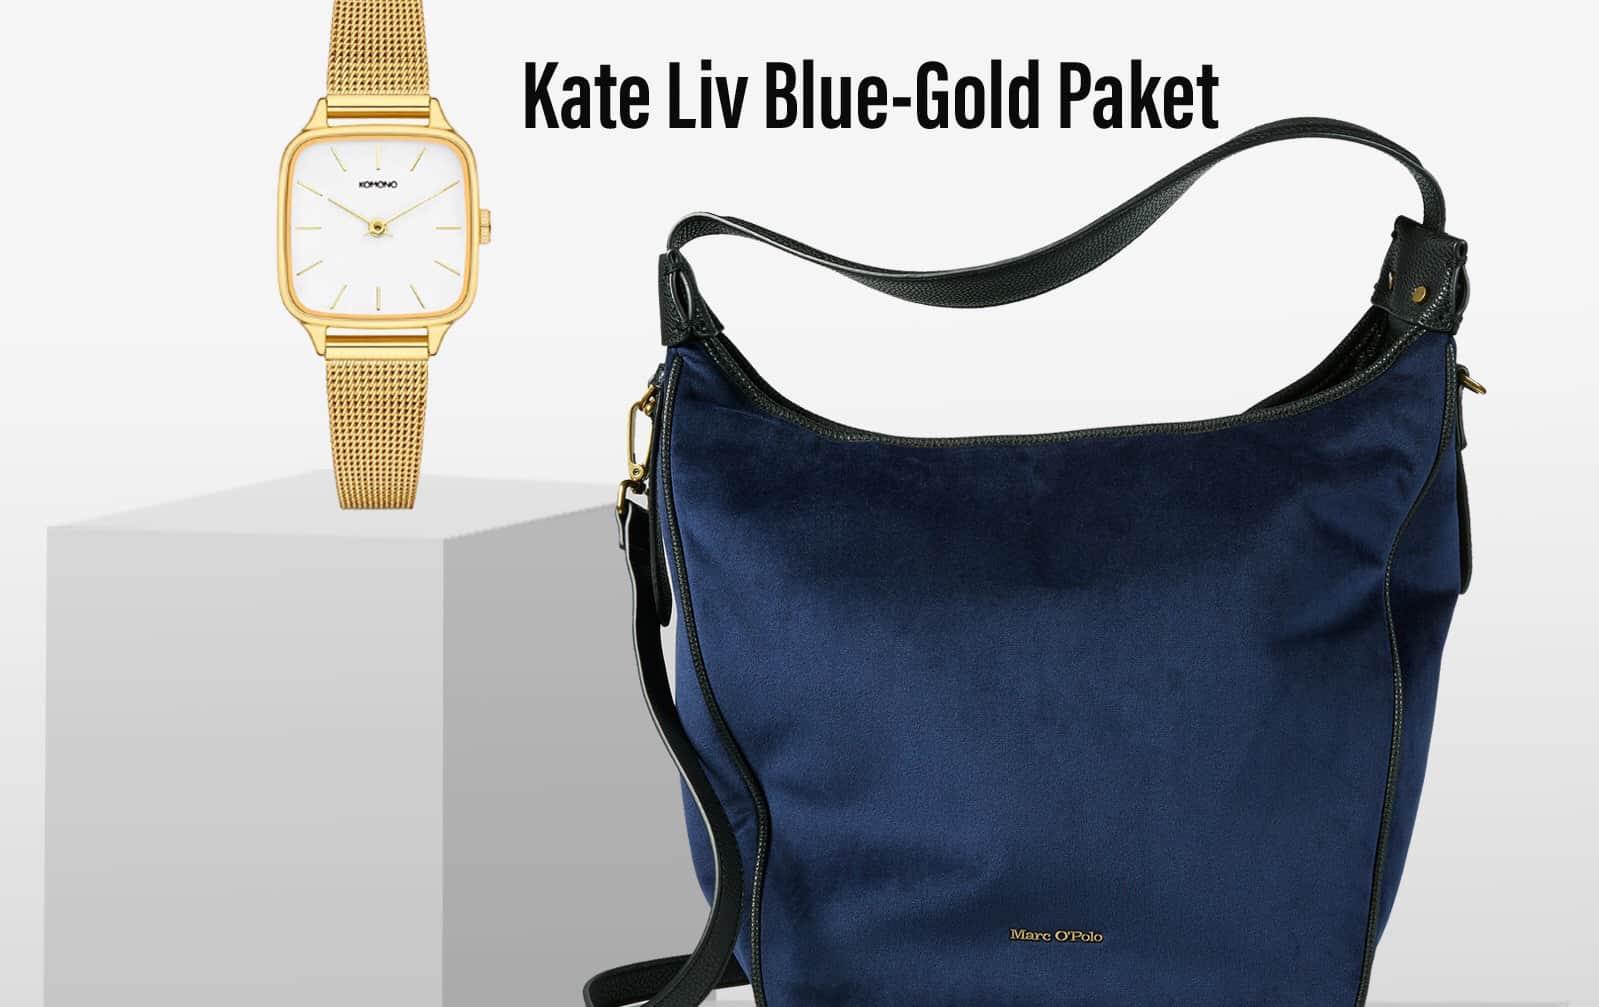 STYLEKRONE KATE Liv Blue-Gold Paket Marc O'Polo Liv Schultertasche + Komono Kate Gold Uhr Damen